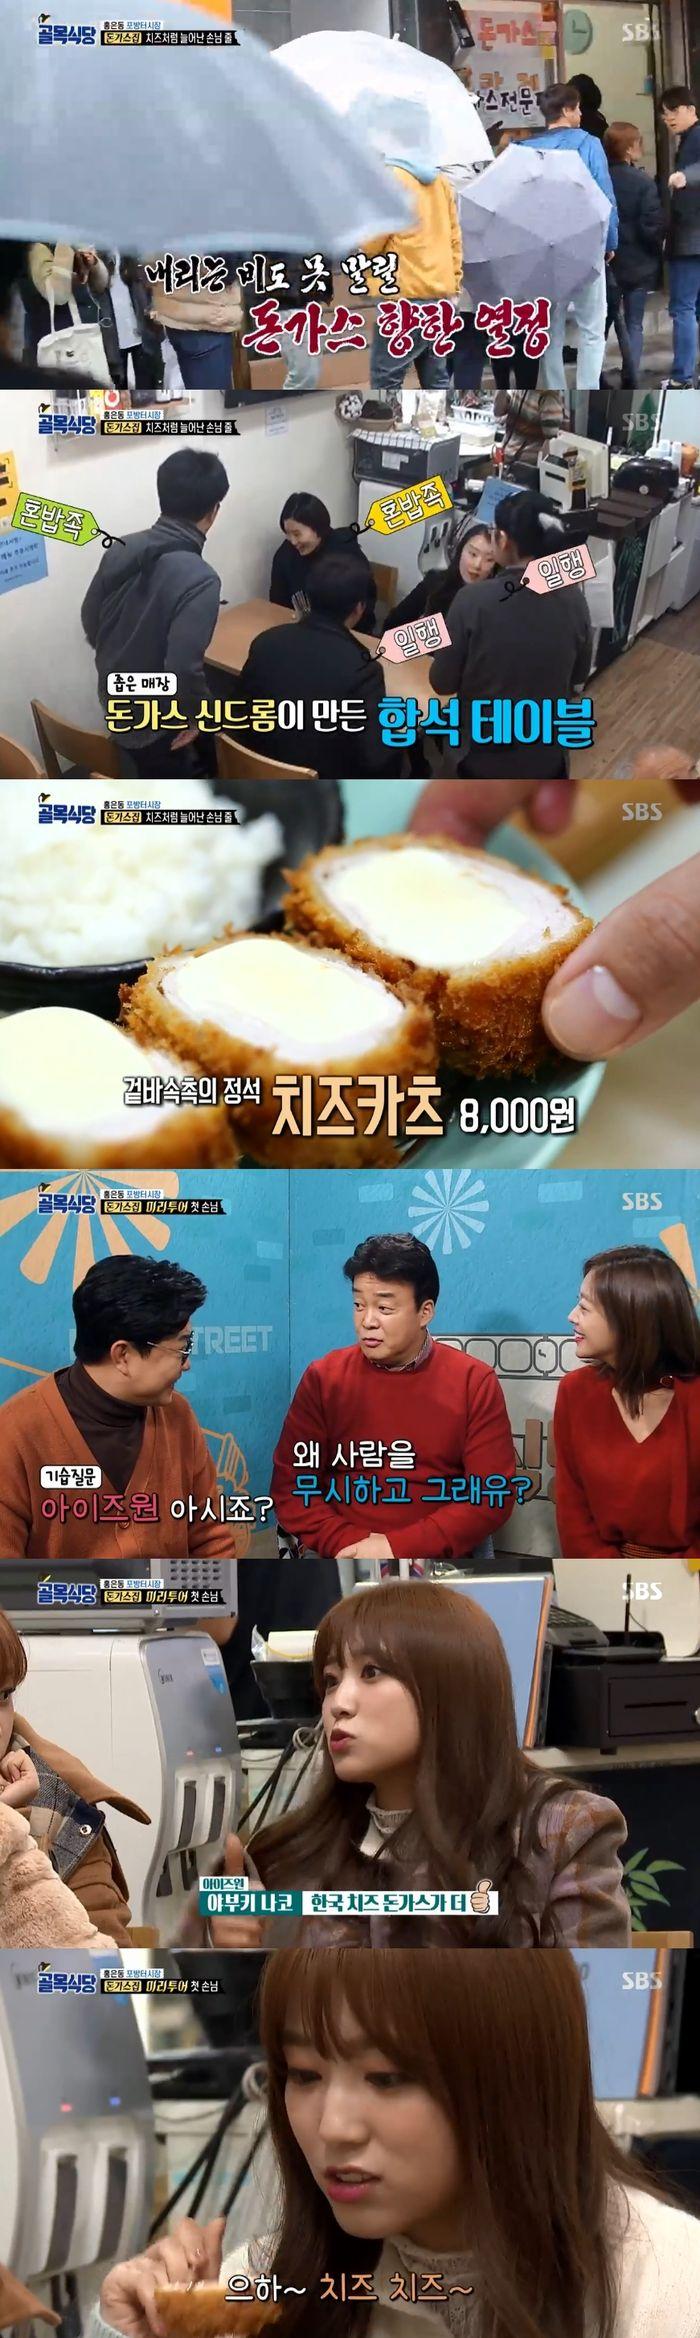 """'골목식당' 아이즈원, 홍은동 돈가스 집 방문…야부키 나코 """"일본보다 맛있다""""  기본이미지"""